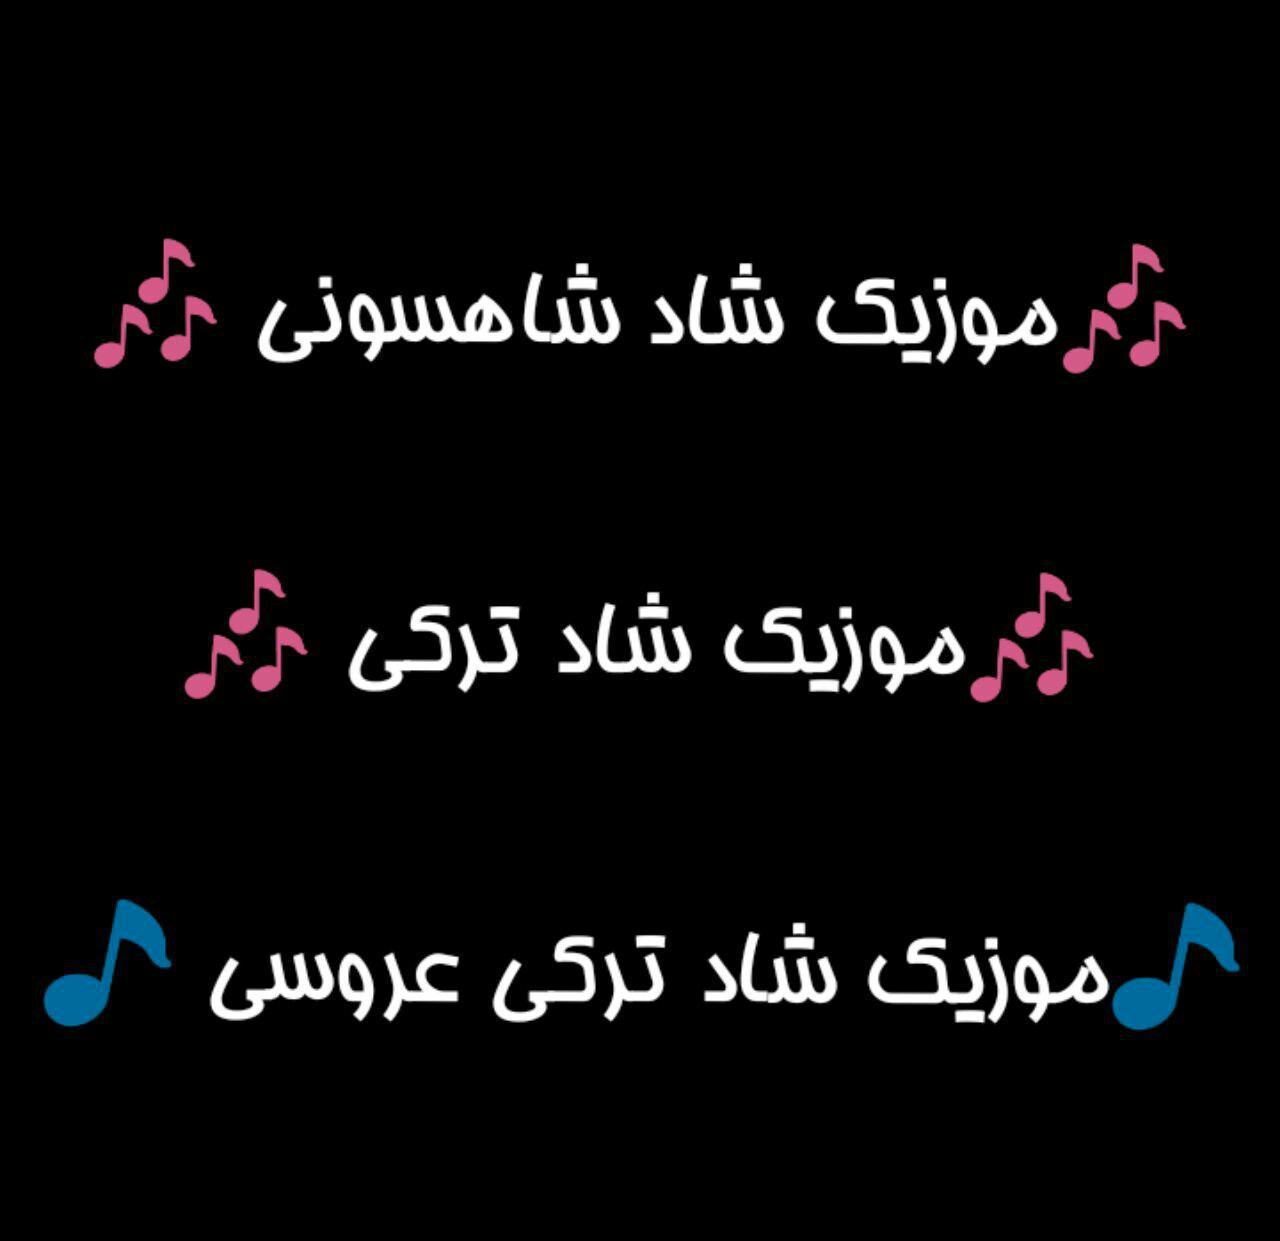 دانلود آهنگ خان میرزا همدانی |دانلود اهنگ عاشق خان میرزا